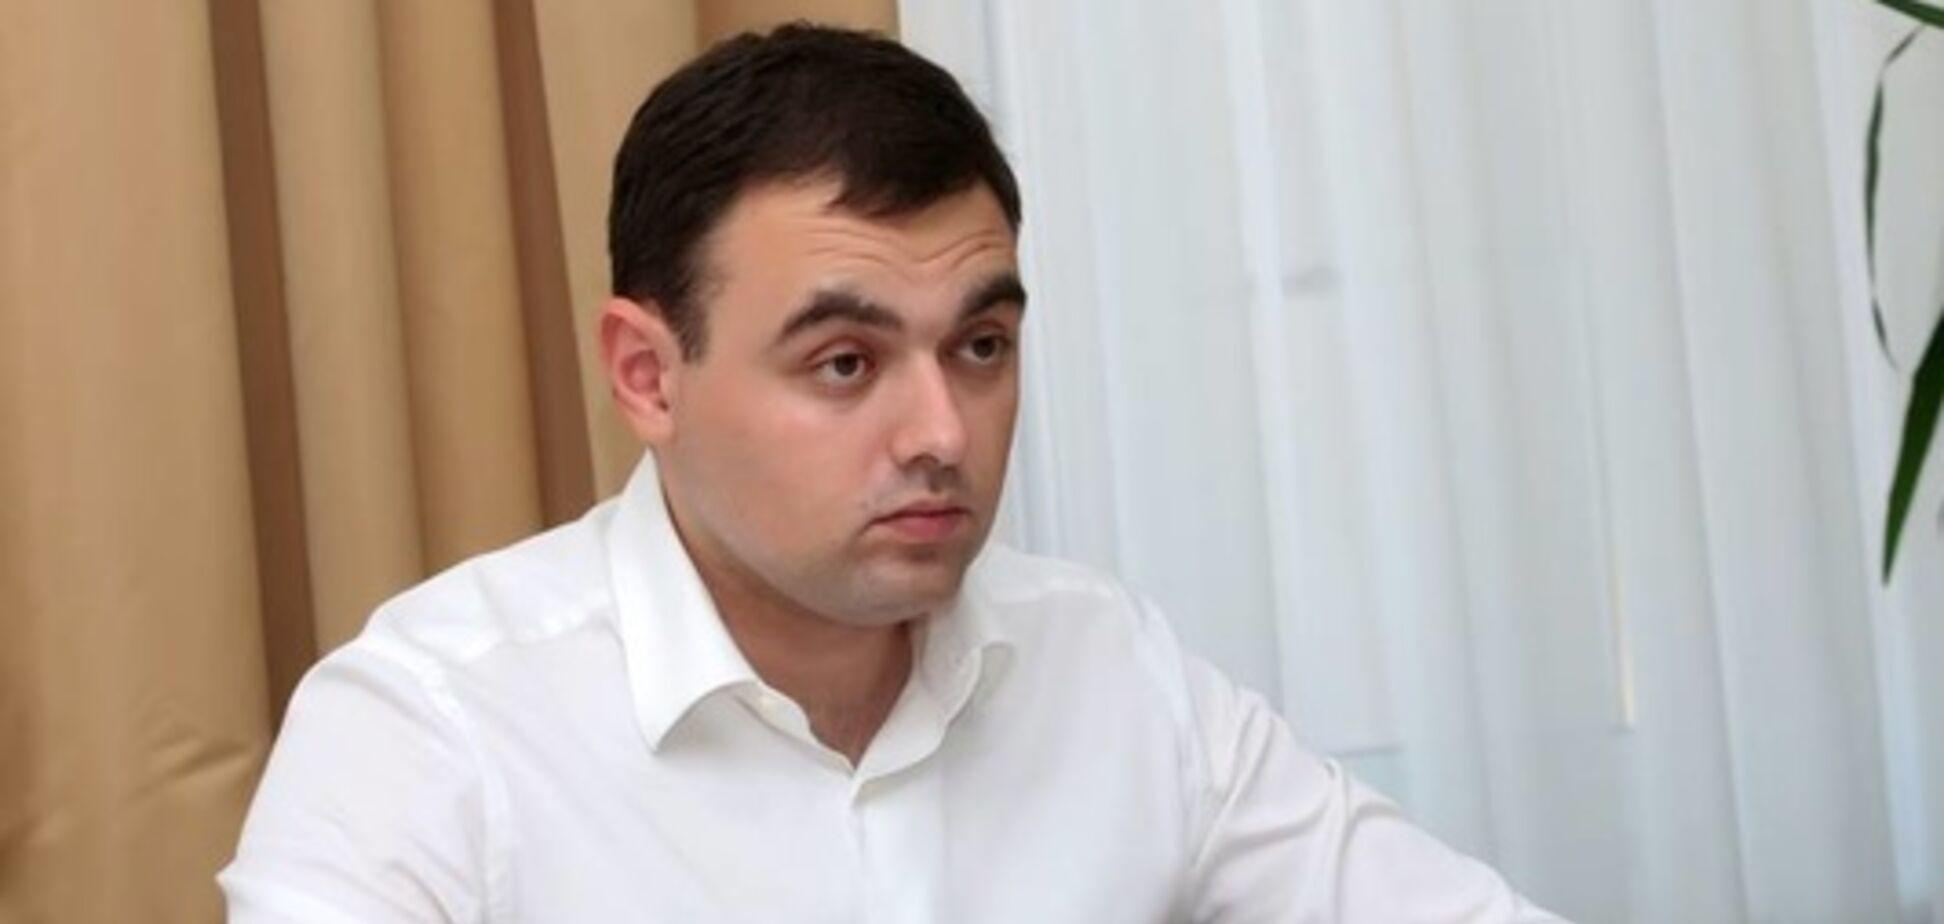 Одиозная семья Мишаловых и 'Конкорд банк' запугивают украинские СМИ